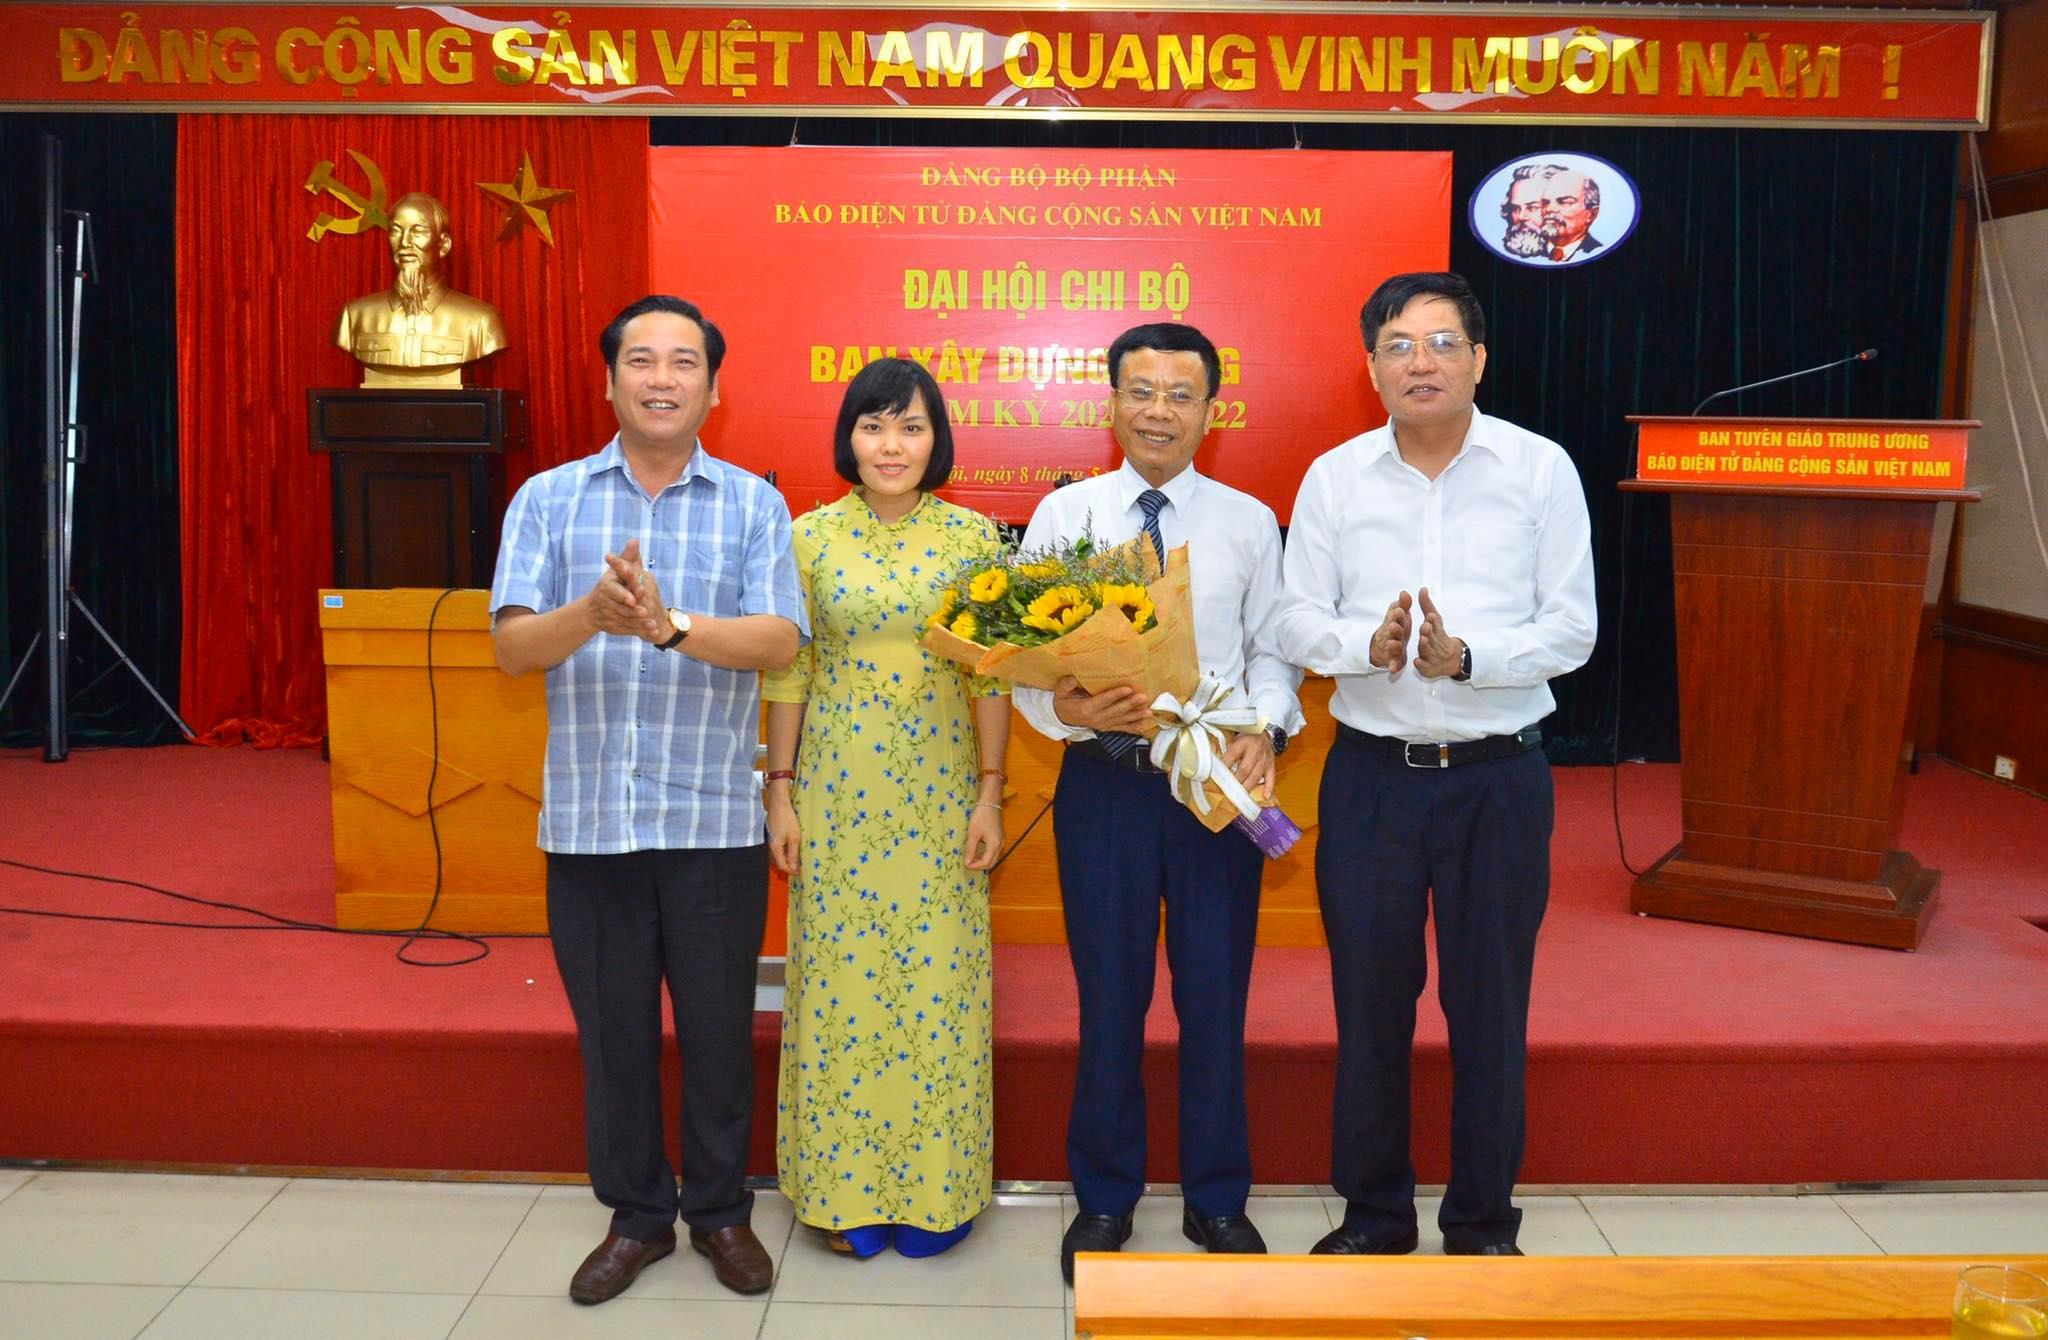 Tổ chức thành công đại hội điểm Đảng bộ bộ phận Báo điện tử ĐCSVN